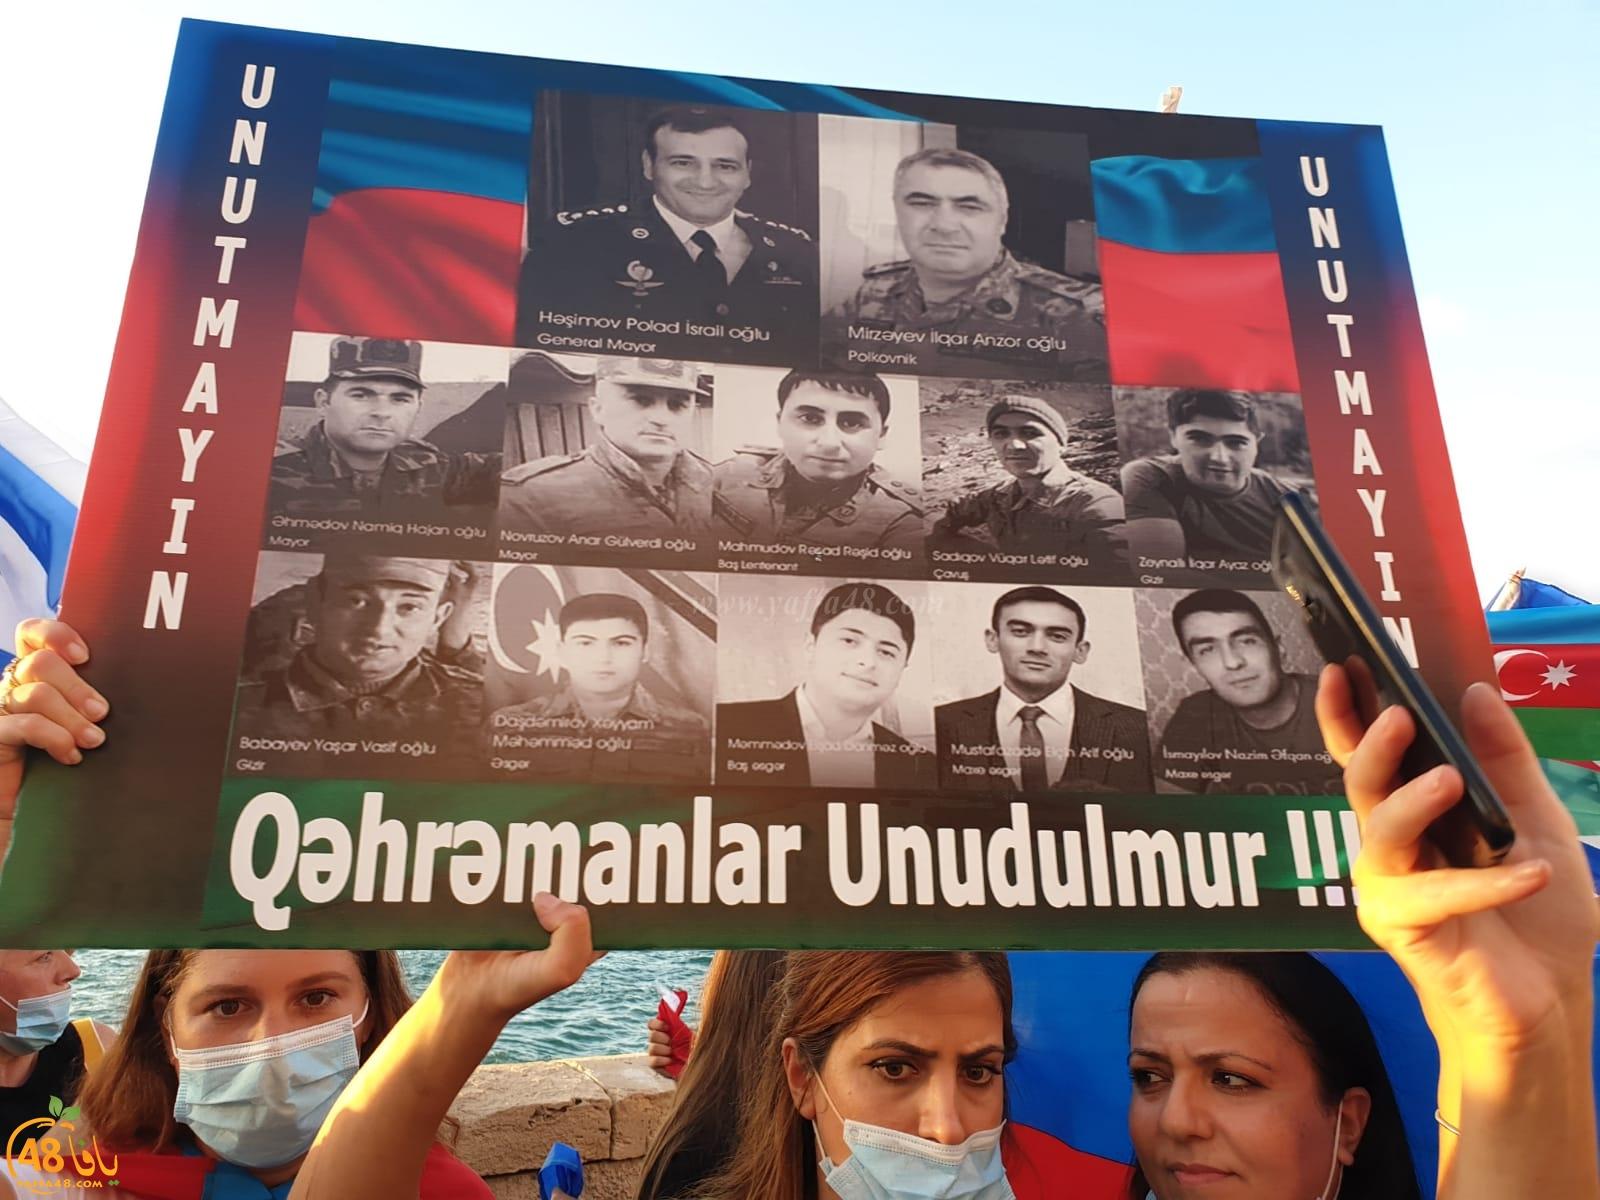 فيديو: تظاهرة حاشدة للجالية الأذربيجانية قرب ميناء يافا ضد أرمينا